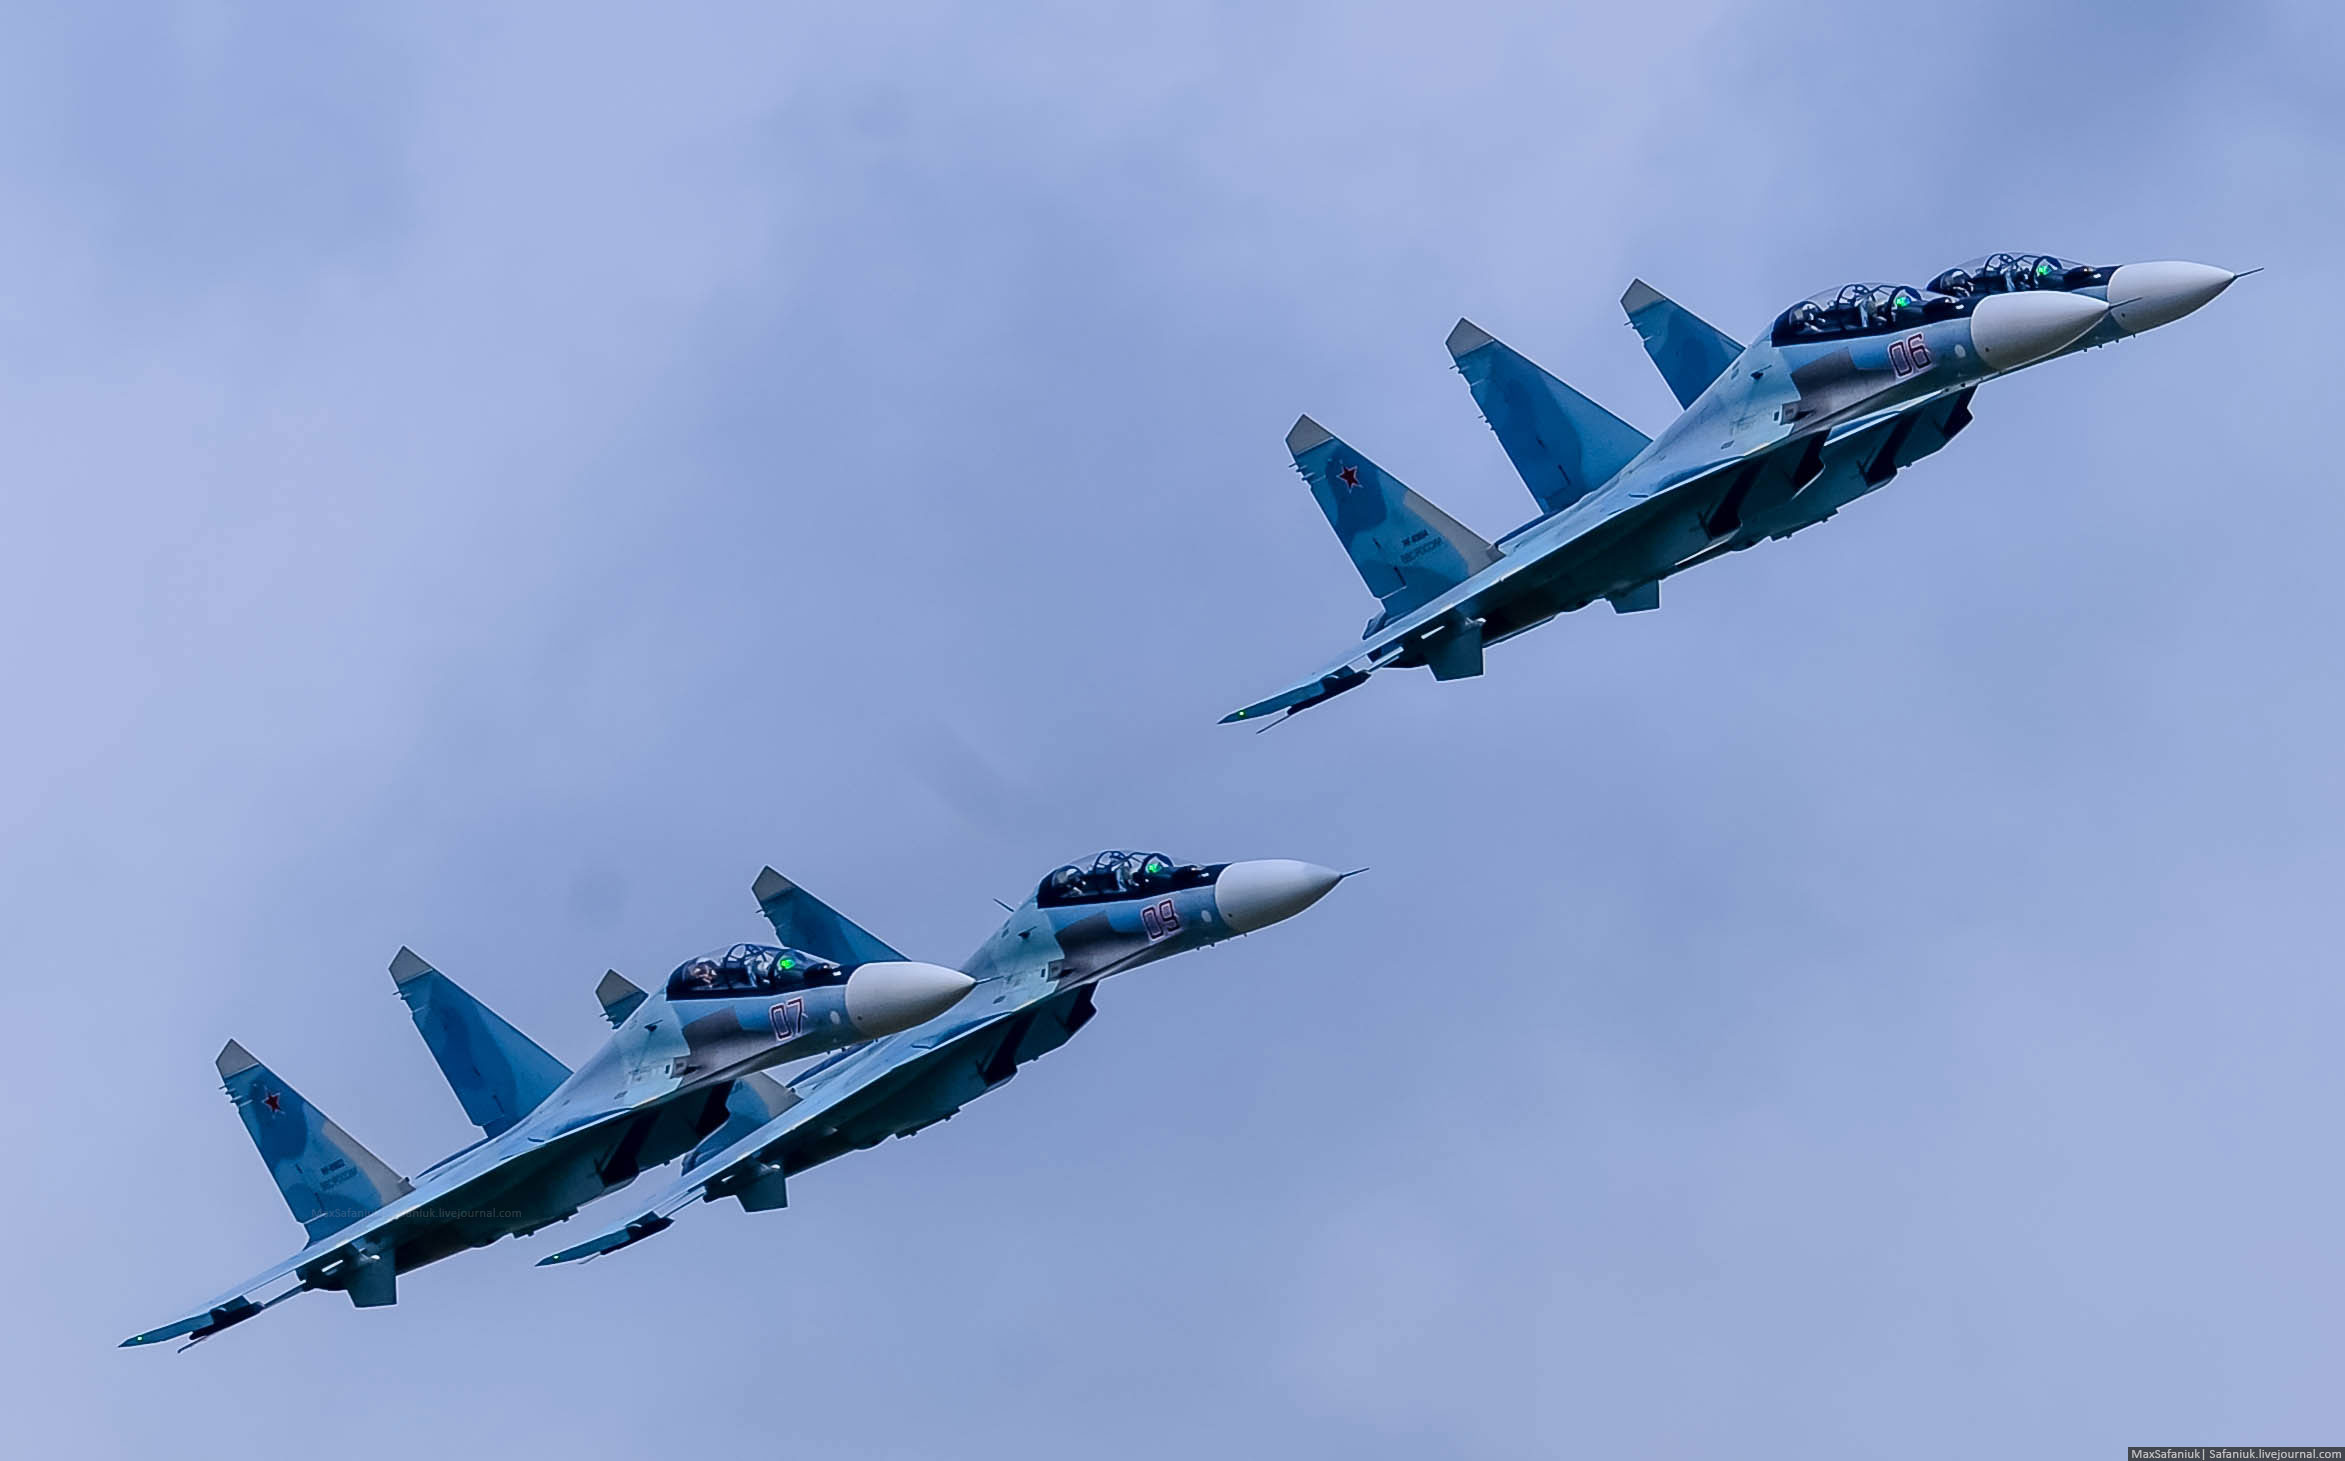 """Пилотажная группа Липецкого авиацентра """"Соколы России"""" выполняют тренировочные полеты на многоцелевых истребителях Су-30СМ в небе над лидским аэродромом:"""